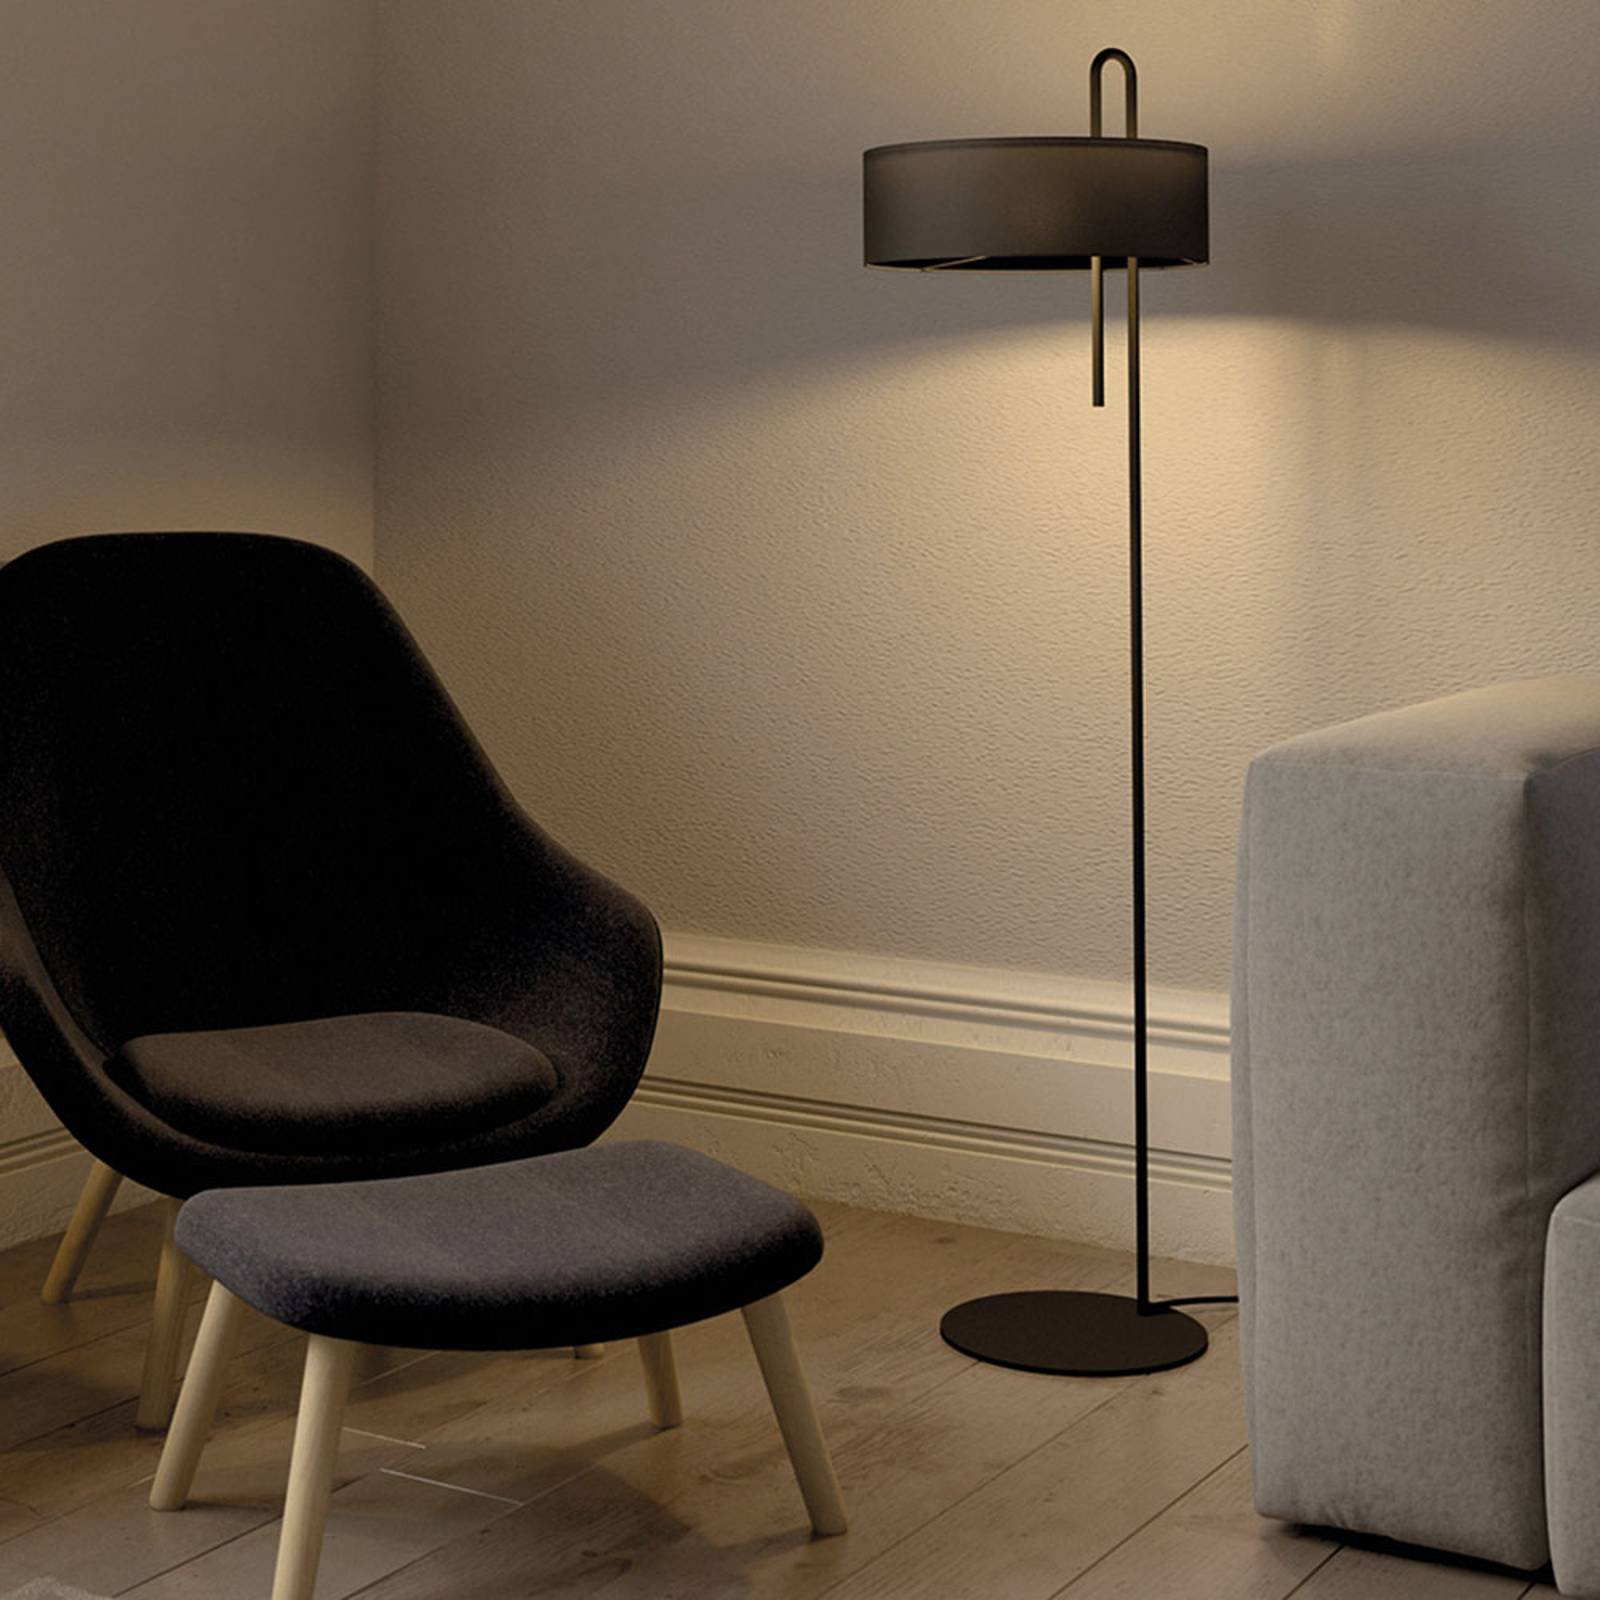 Tekstil-gulvlampe Clip, svart, høyde 150 cm